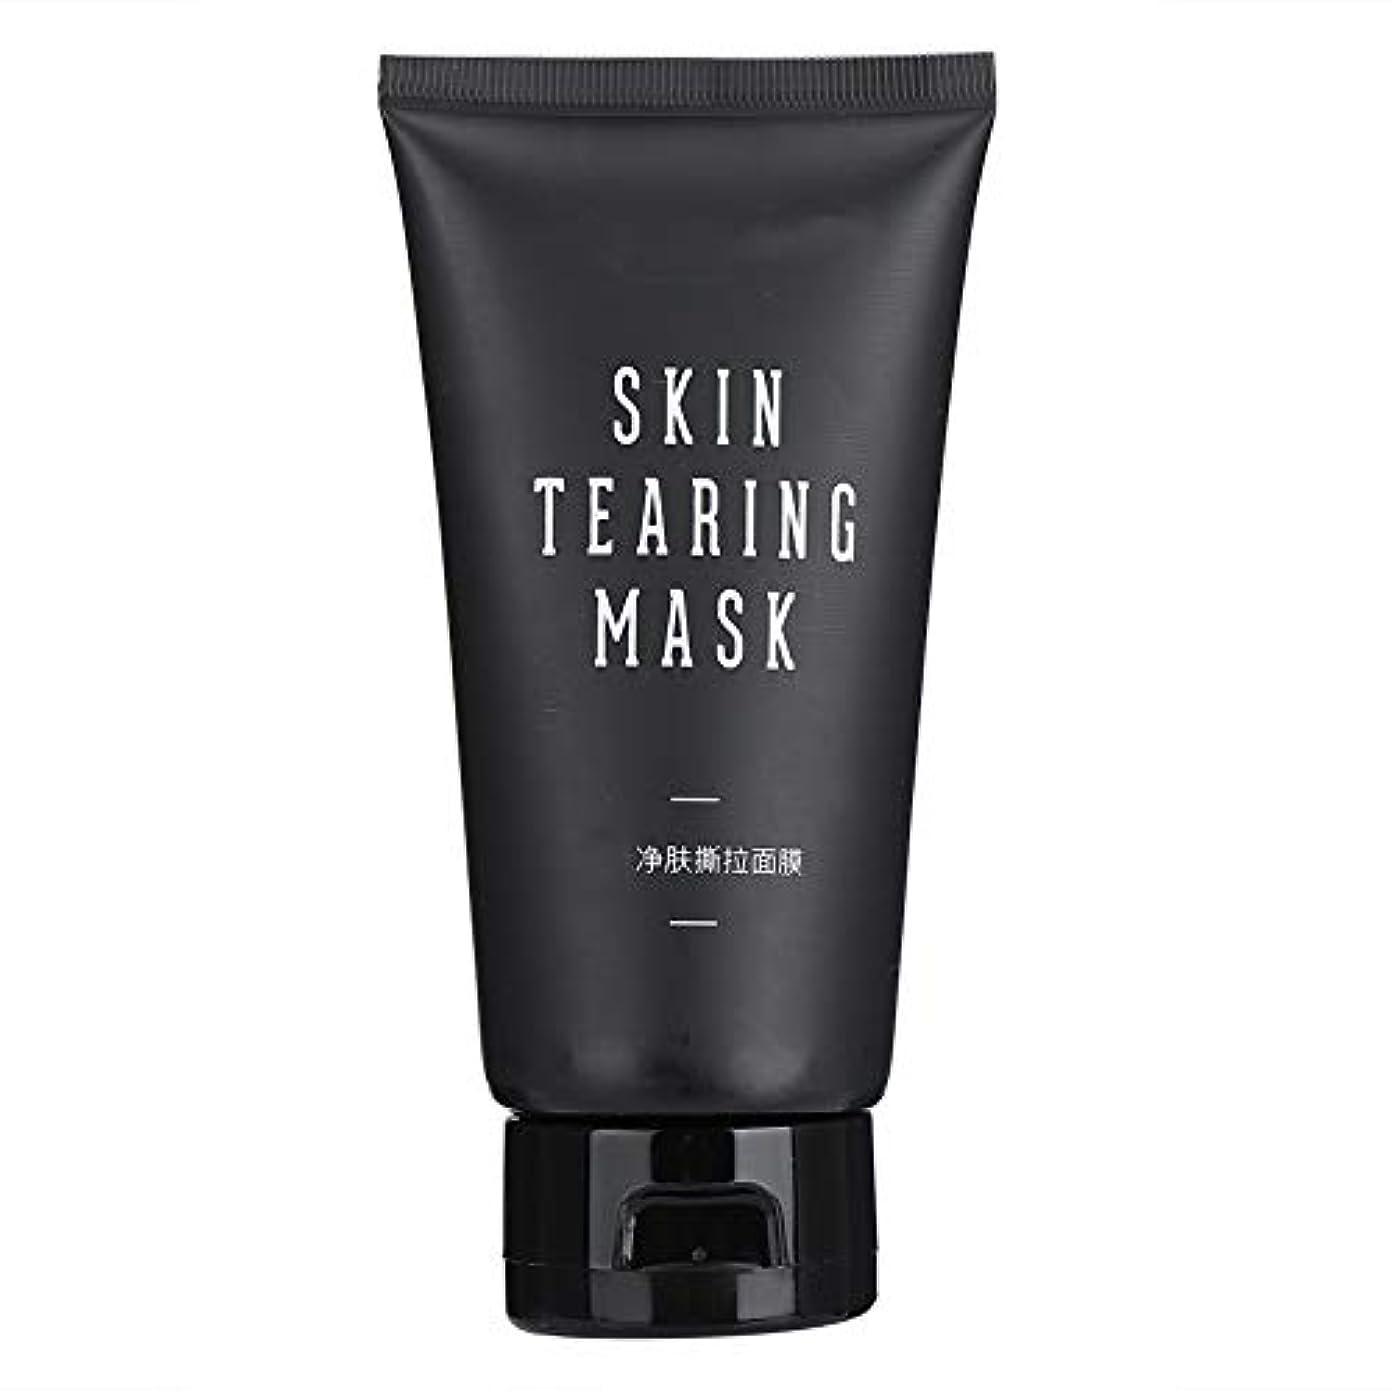 角質除去クレンジングマスク、にきびの除去角質除去マスク、ポロスクリーニングアスコットの修復 - 80 g